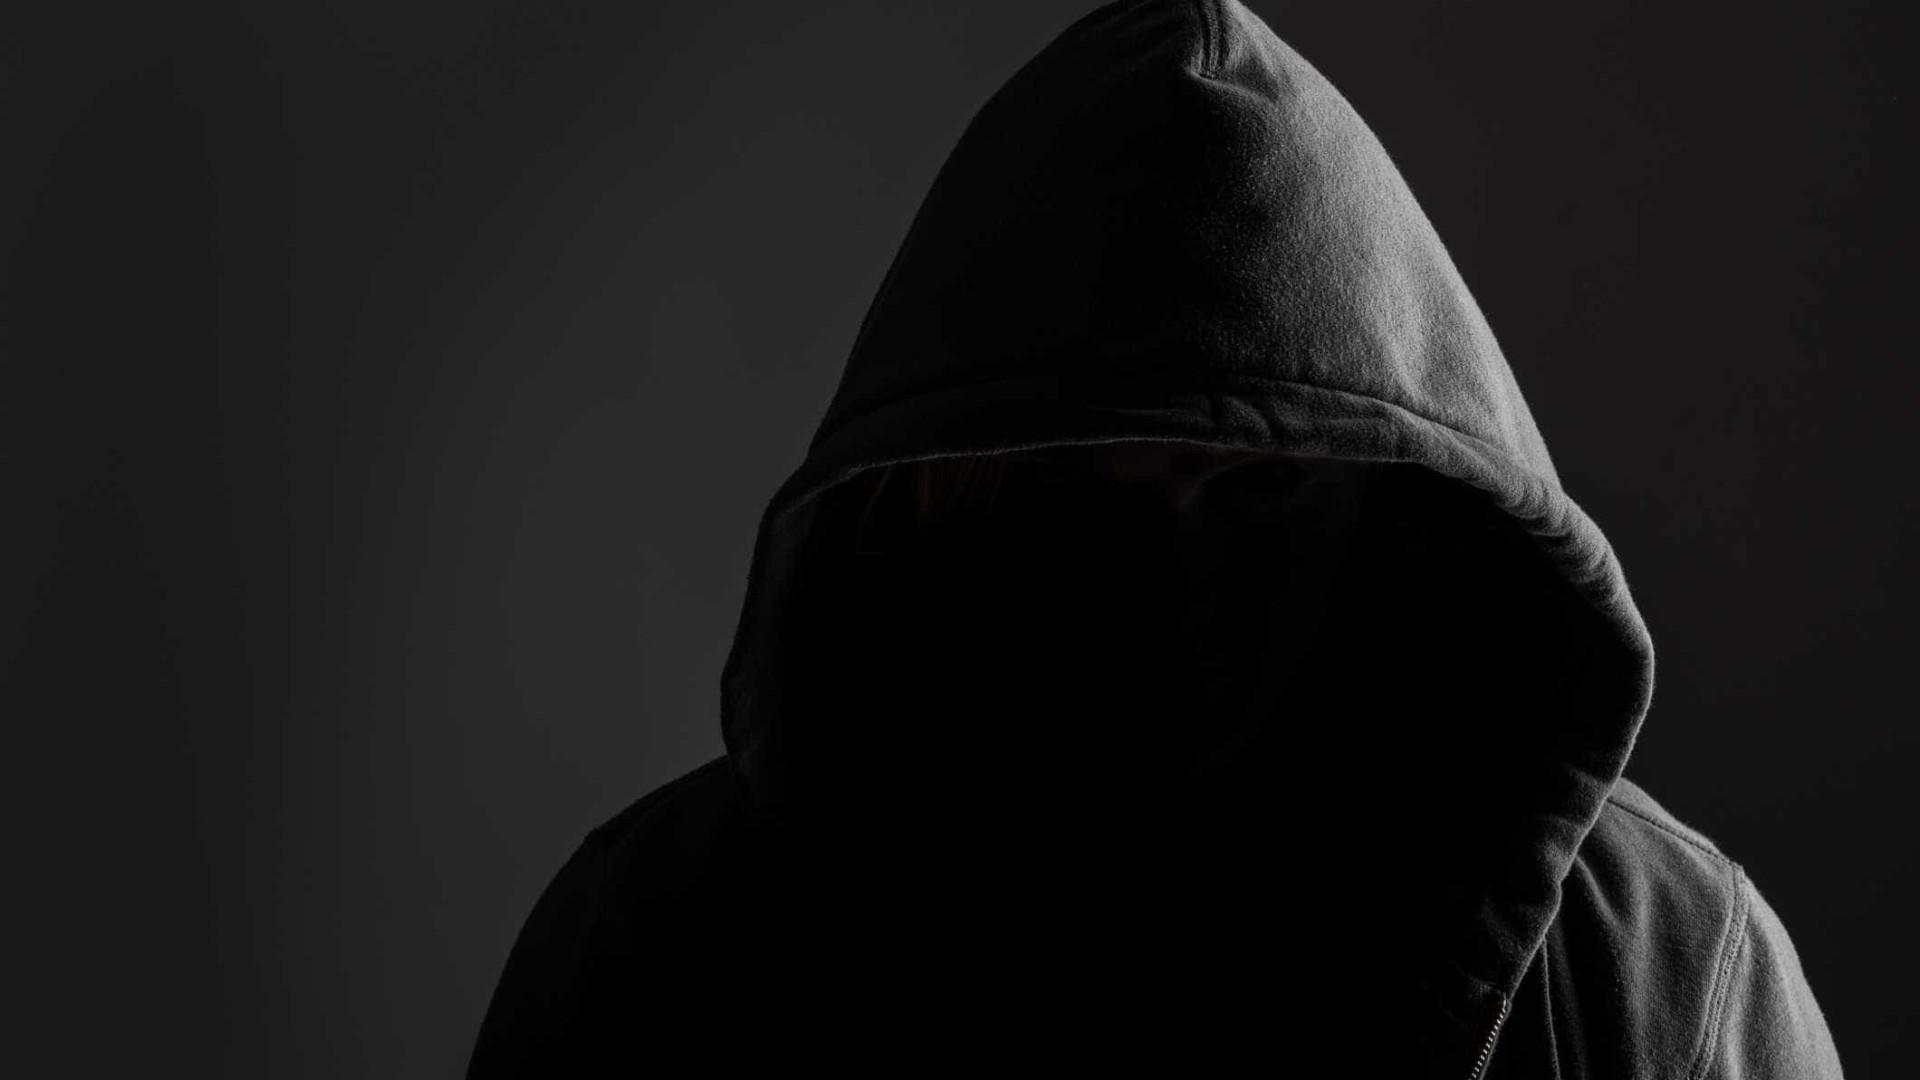 Aveiro: Ameaçada com navalha e obrigada a dar códigos de multibanco